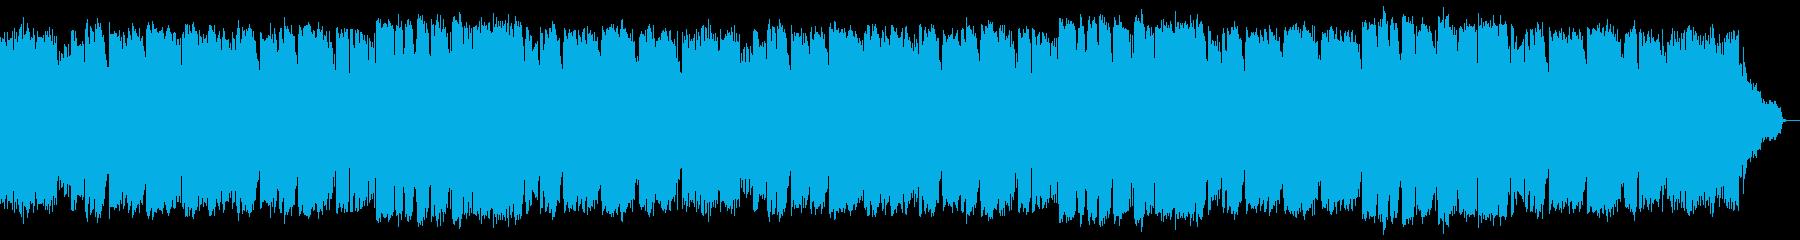 大人の子守唄的な優しい調べをSAXが歌うの再生済みの波形